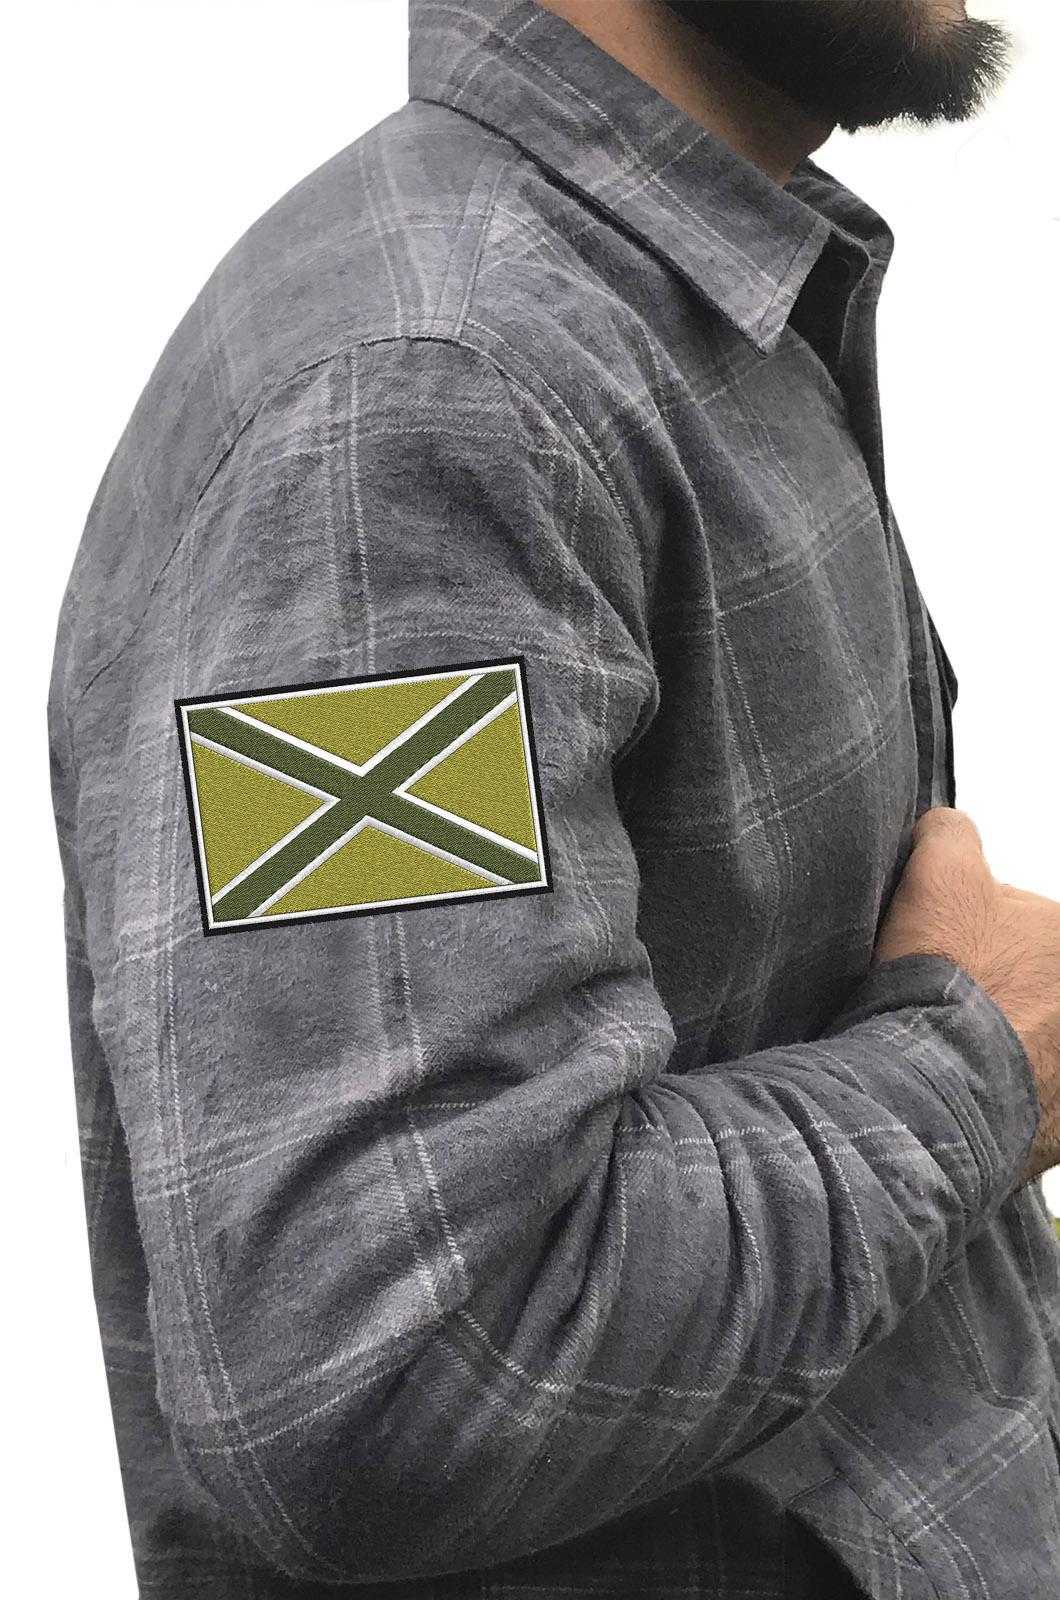 Стильная клетчатая рубашка с вышитым полевым шевроном Новороссия - купить онлайн